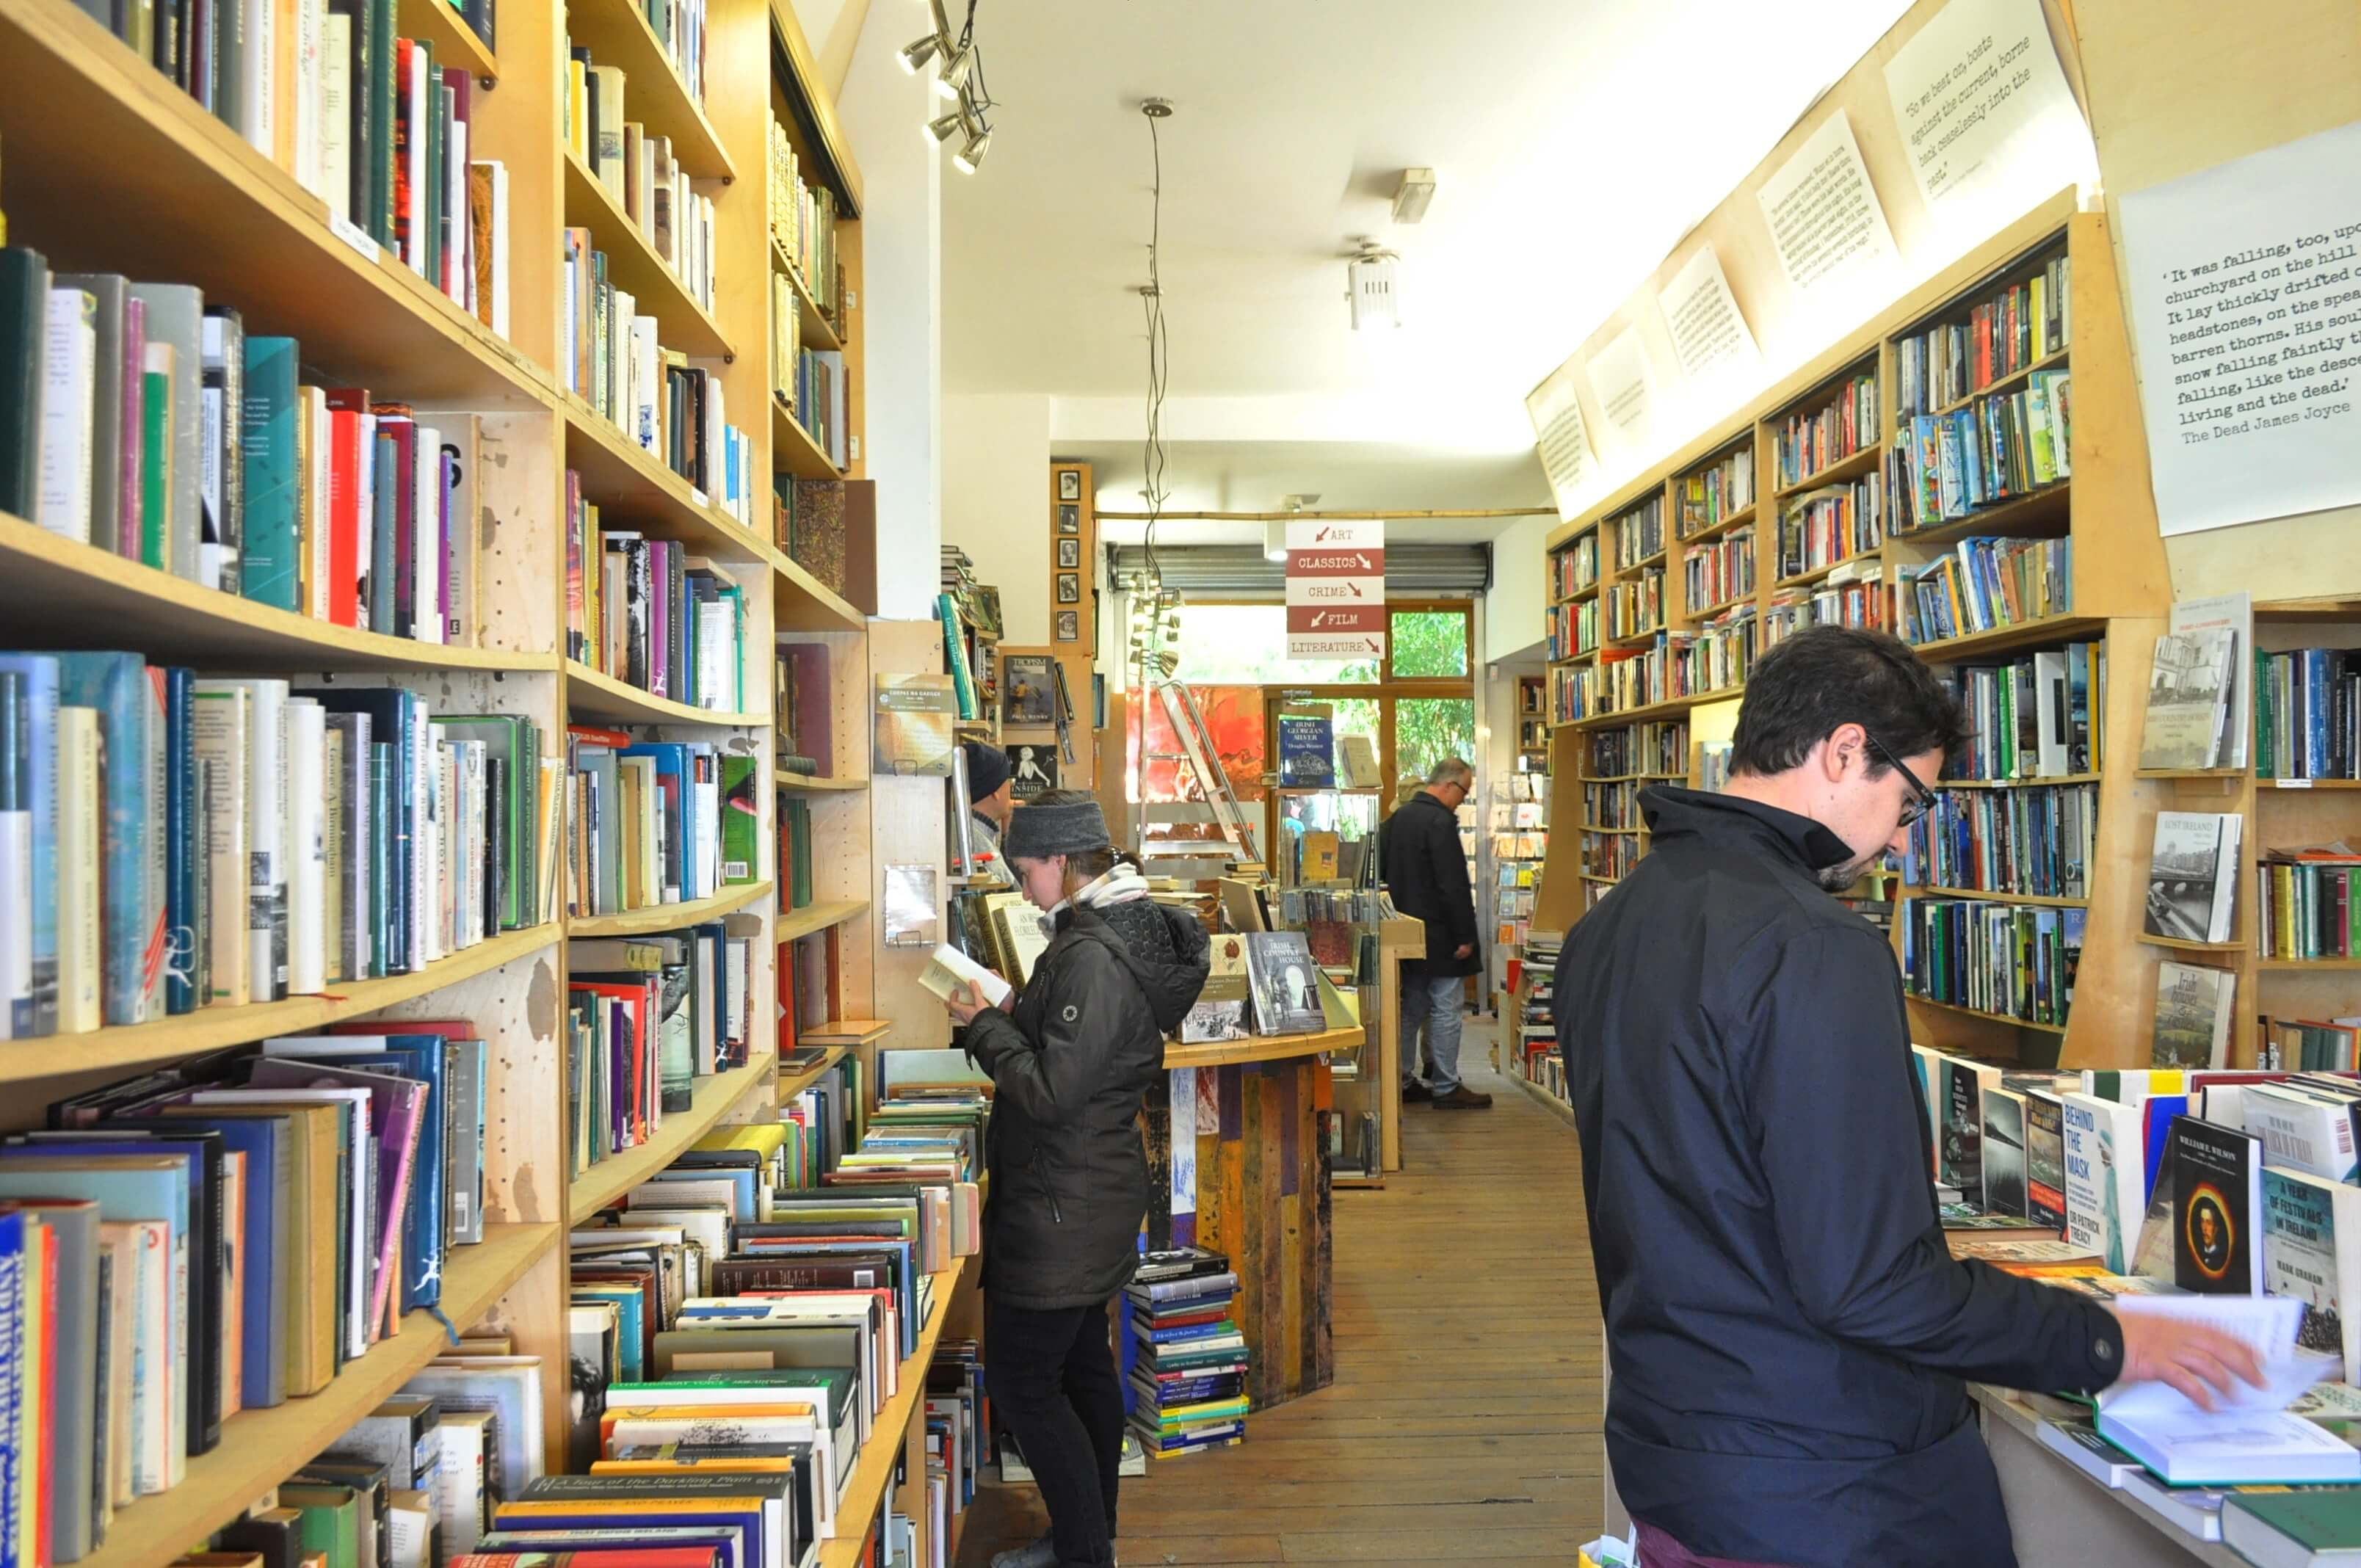 Entering the bookshop. Image credit: Stine Ødegård